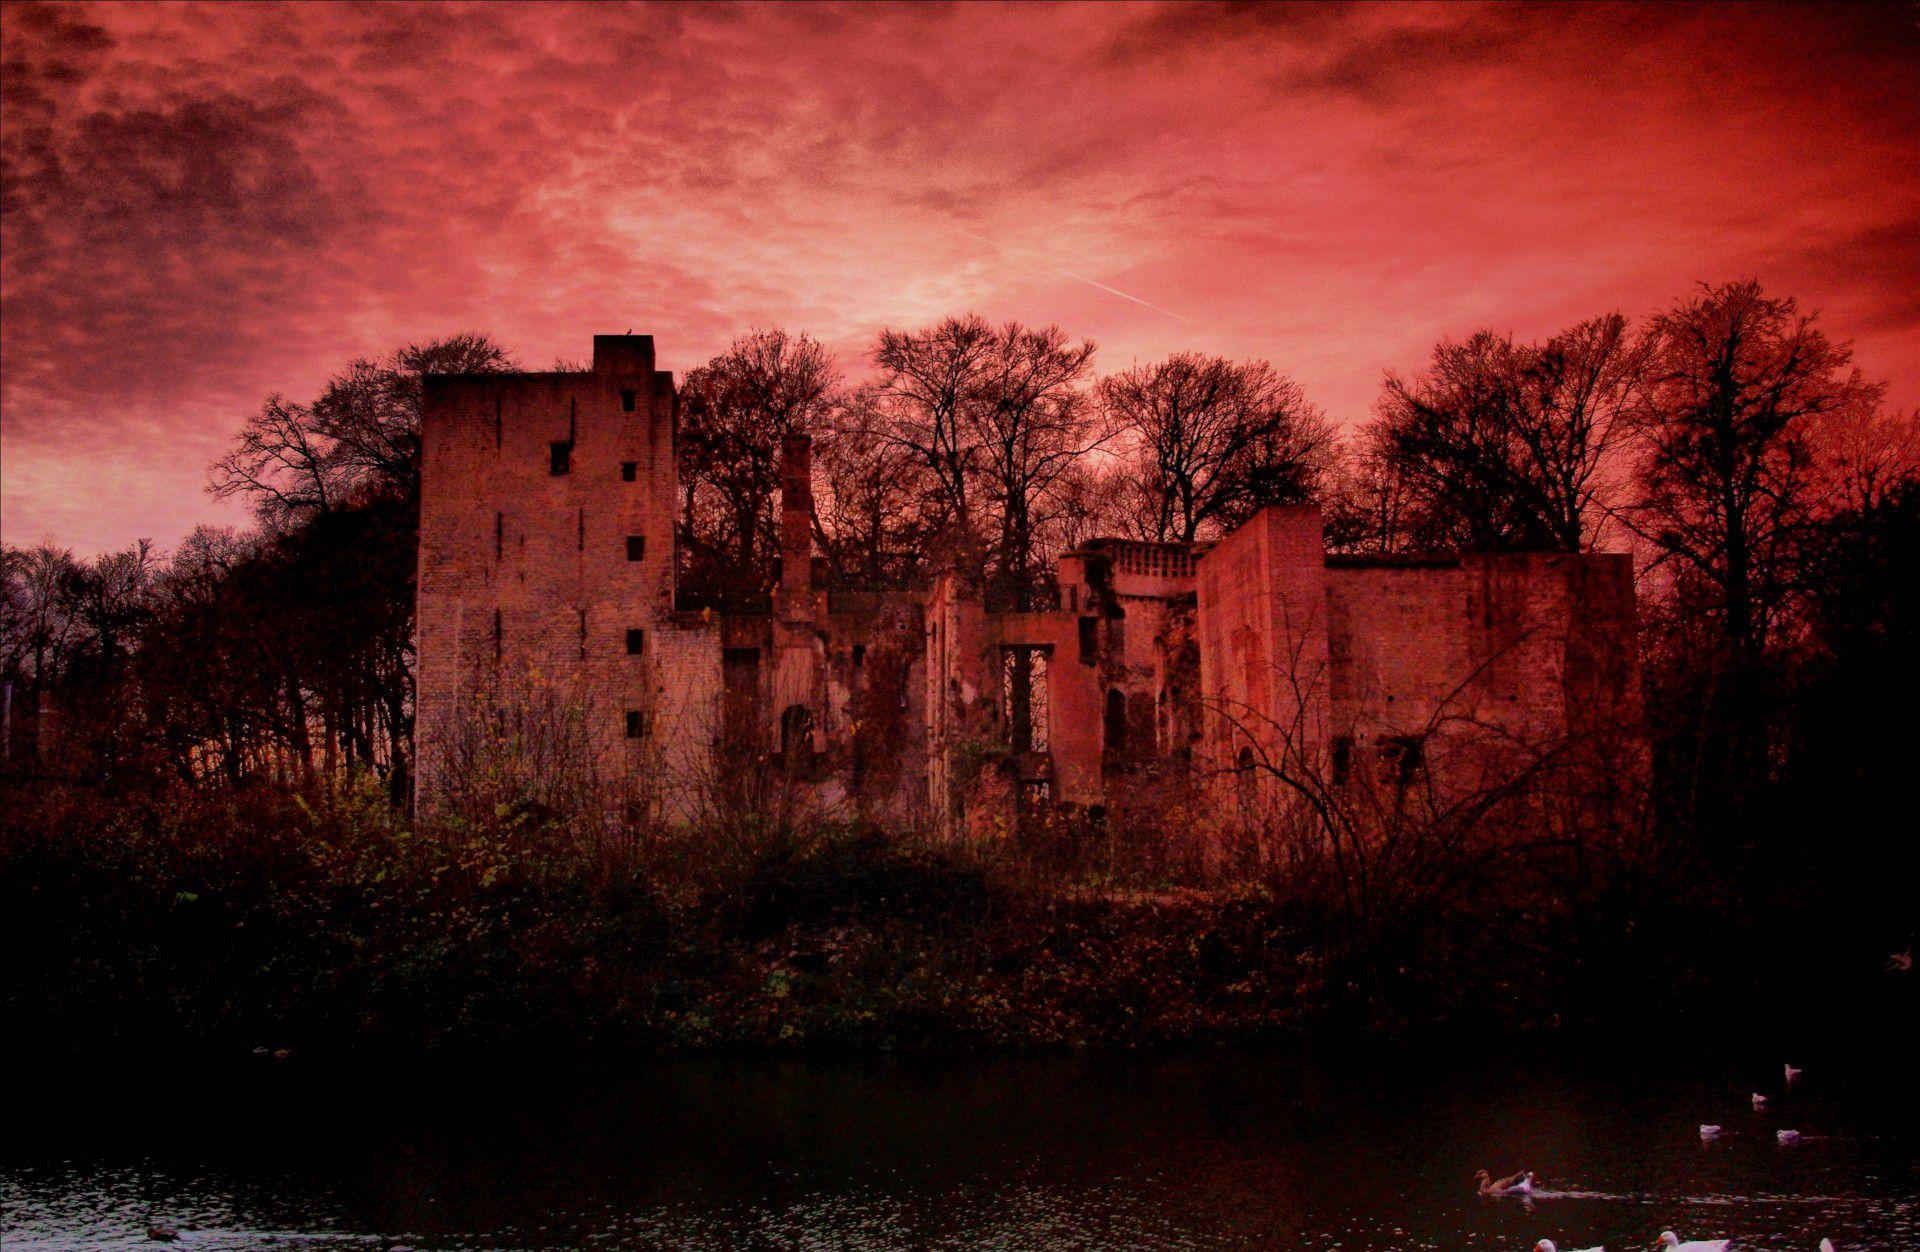 Queen's Castle In England